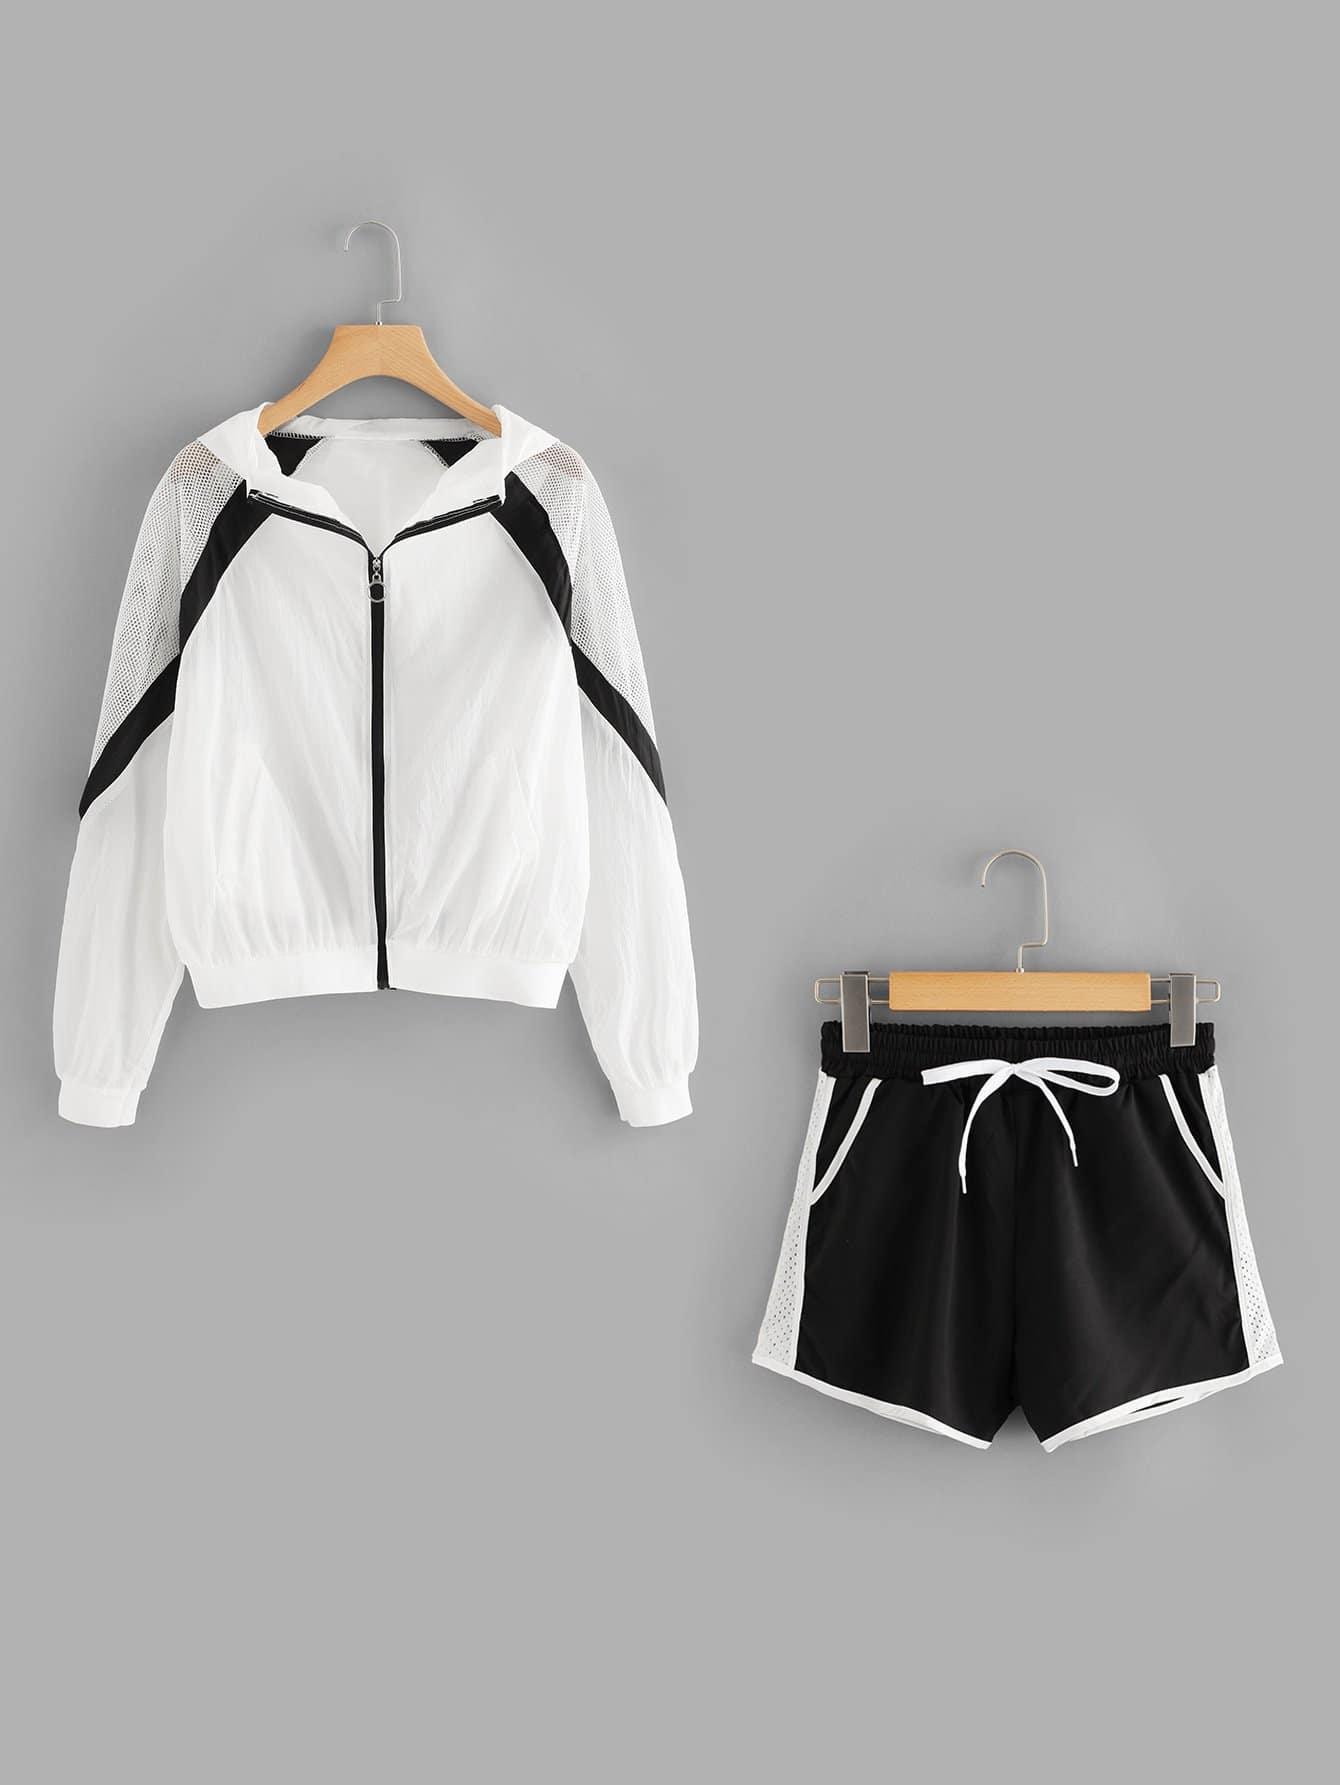 Fishnet Panel Jacket With Tube Insert & Drawstring Shorts Set